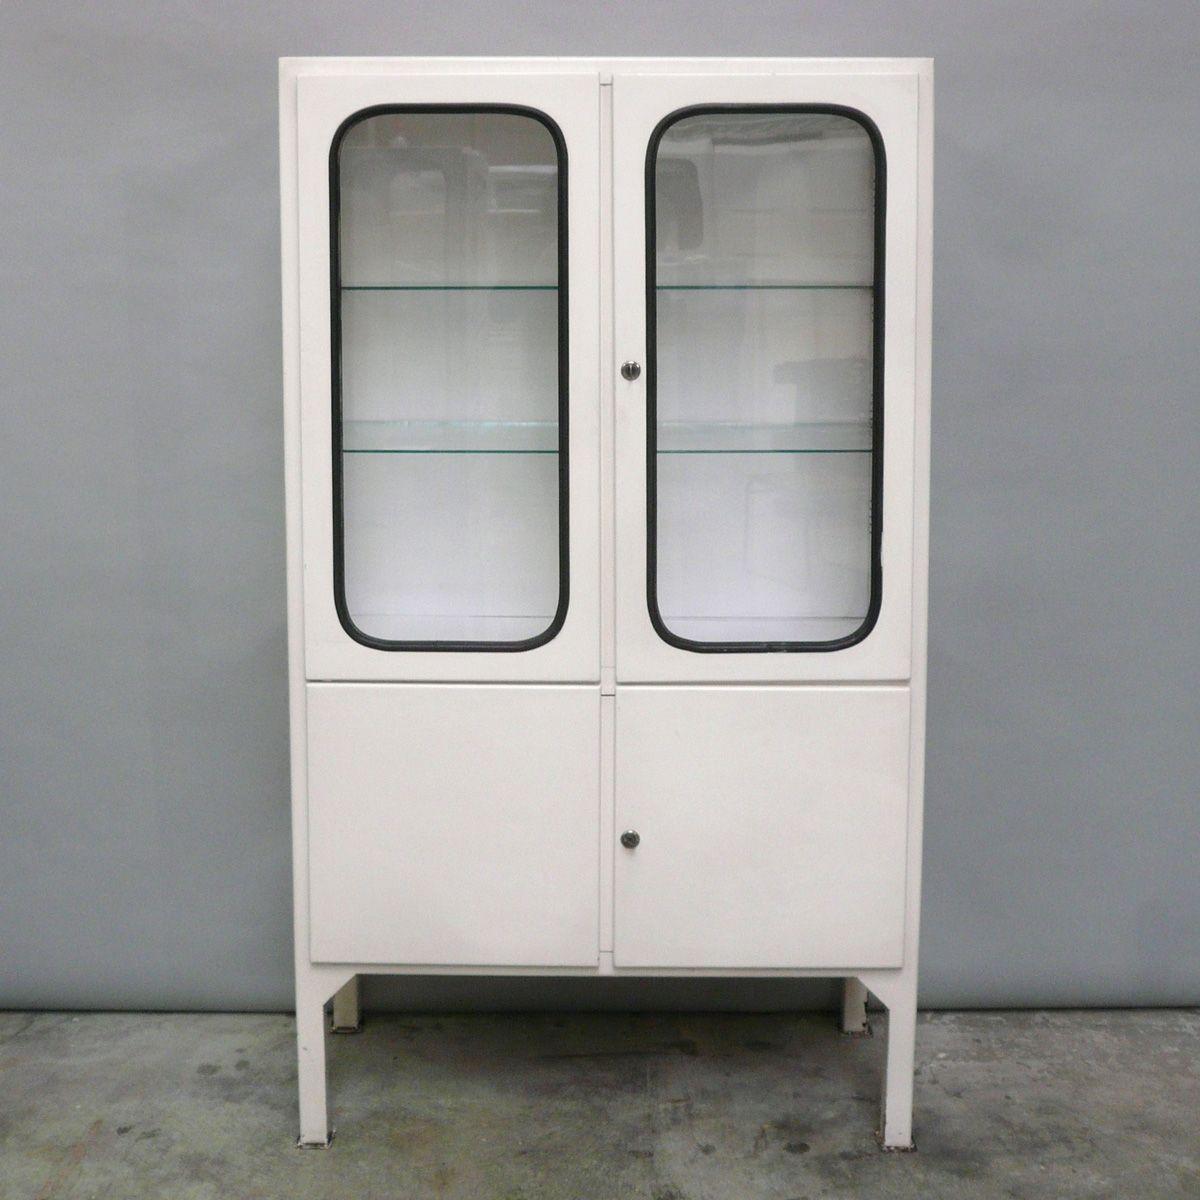 Spülbecken Schrank ~ Möbel design Idee für Sie >> latofu.com